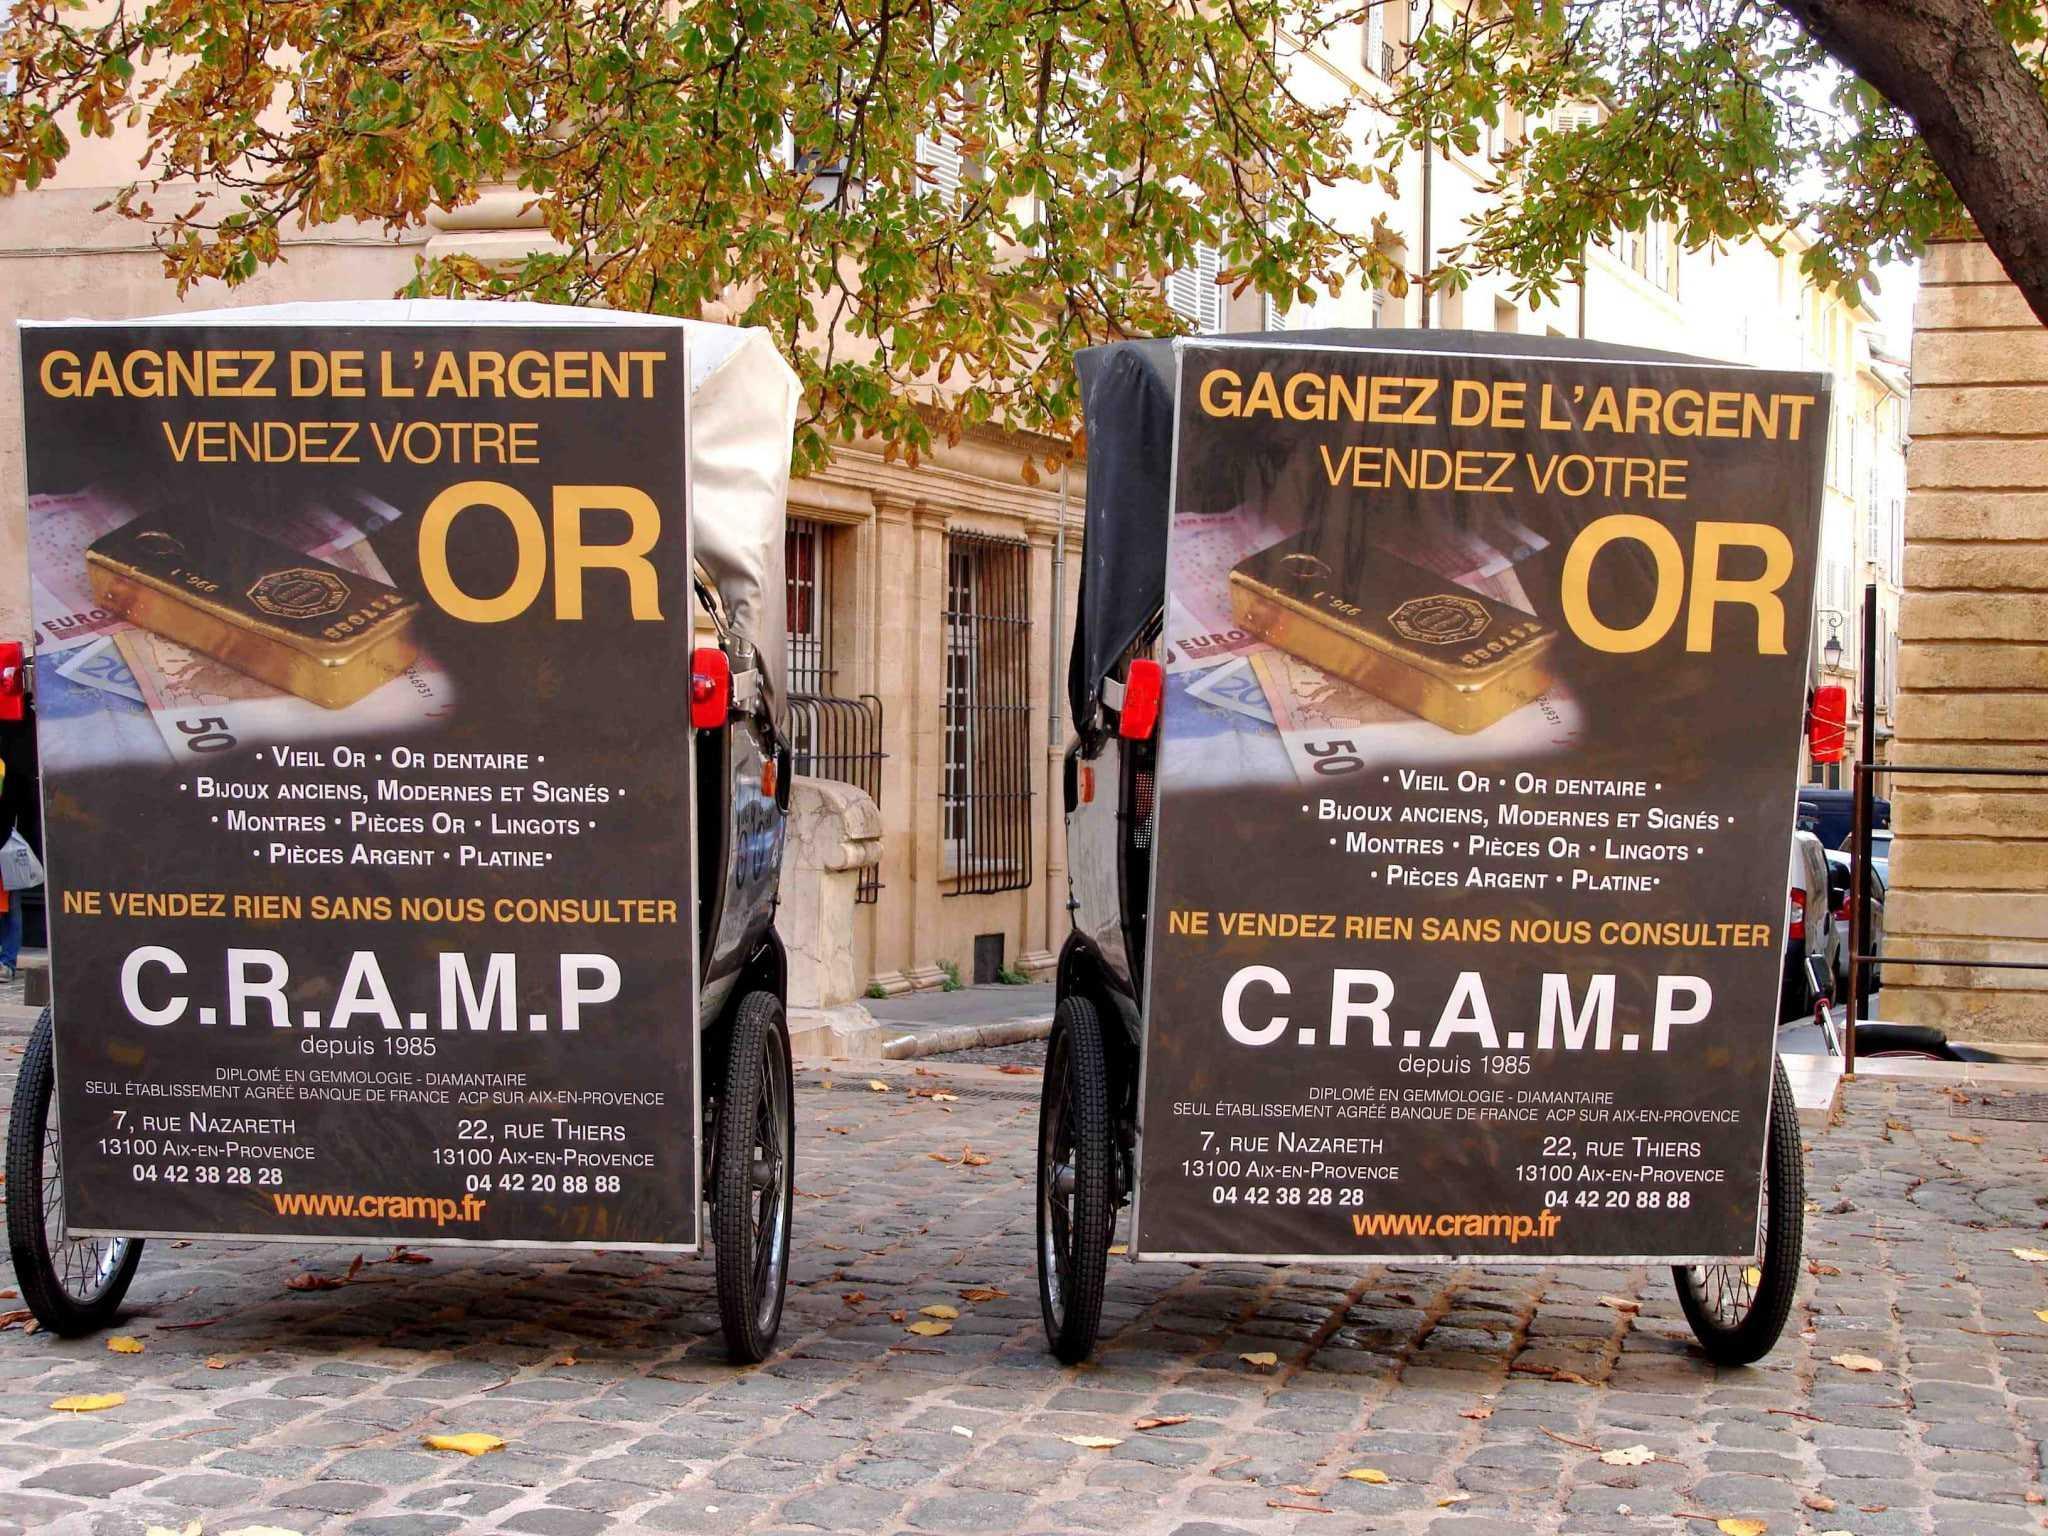 Gagnez de l'argent, vendez votre or avec CRAMP à Aix en Provence